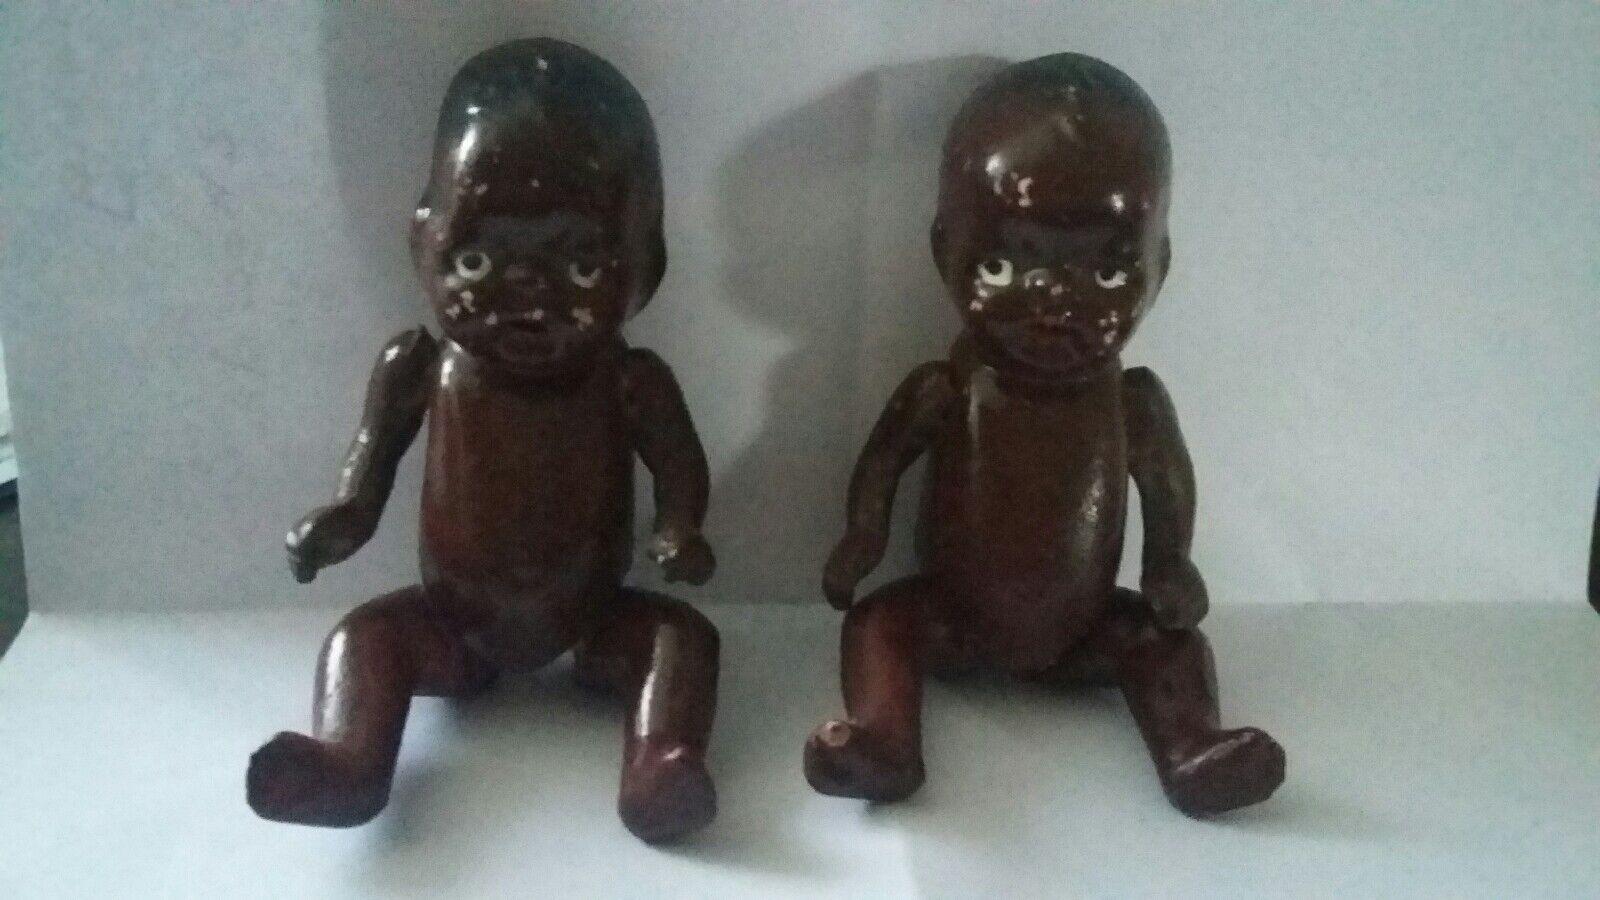 schwarz BABY DOLLS DOLLY VINTAGE PORCELAIN 10 CMS  Made in Japan